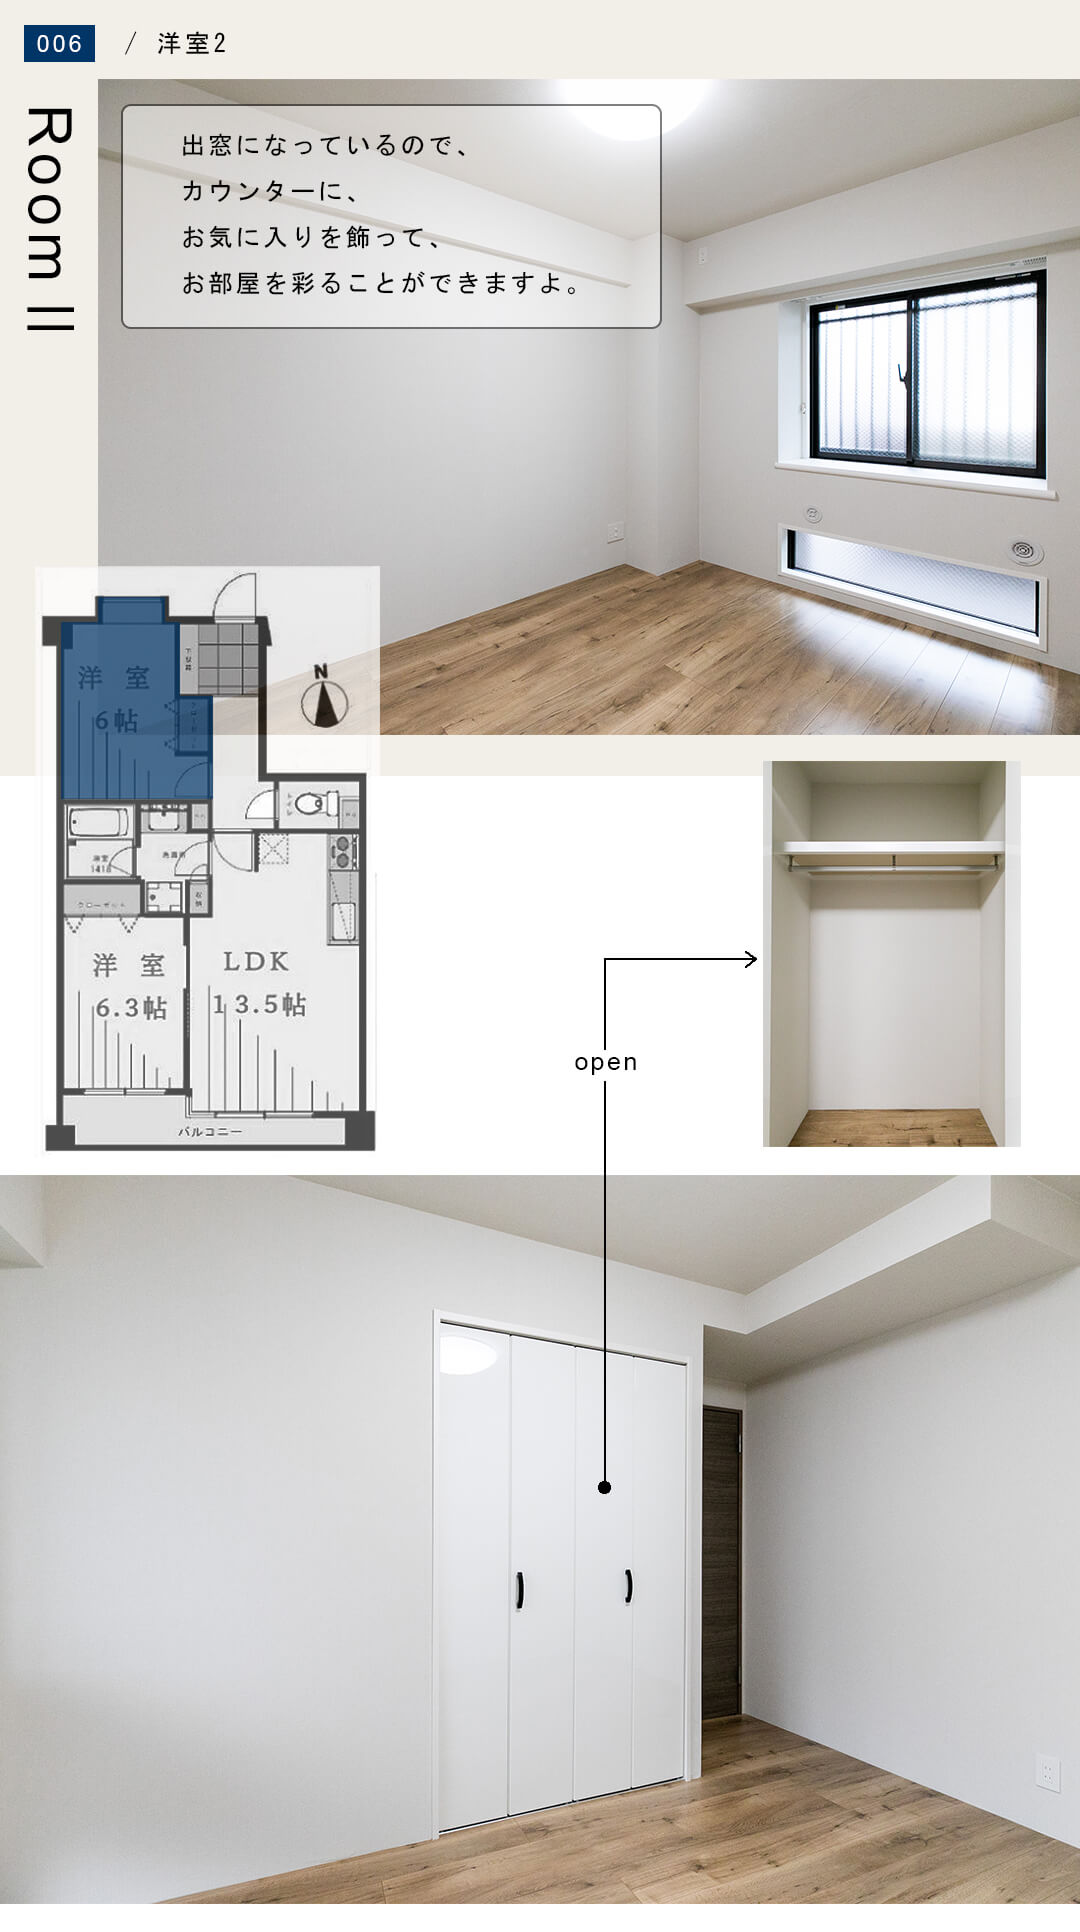 ライオンズマンション新宿柏木 404の洋室2